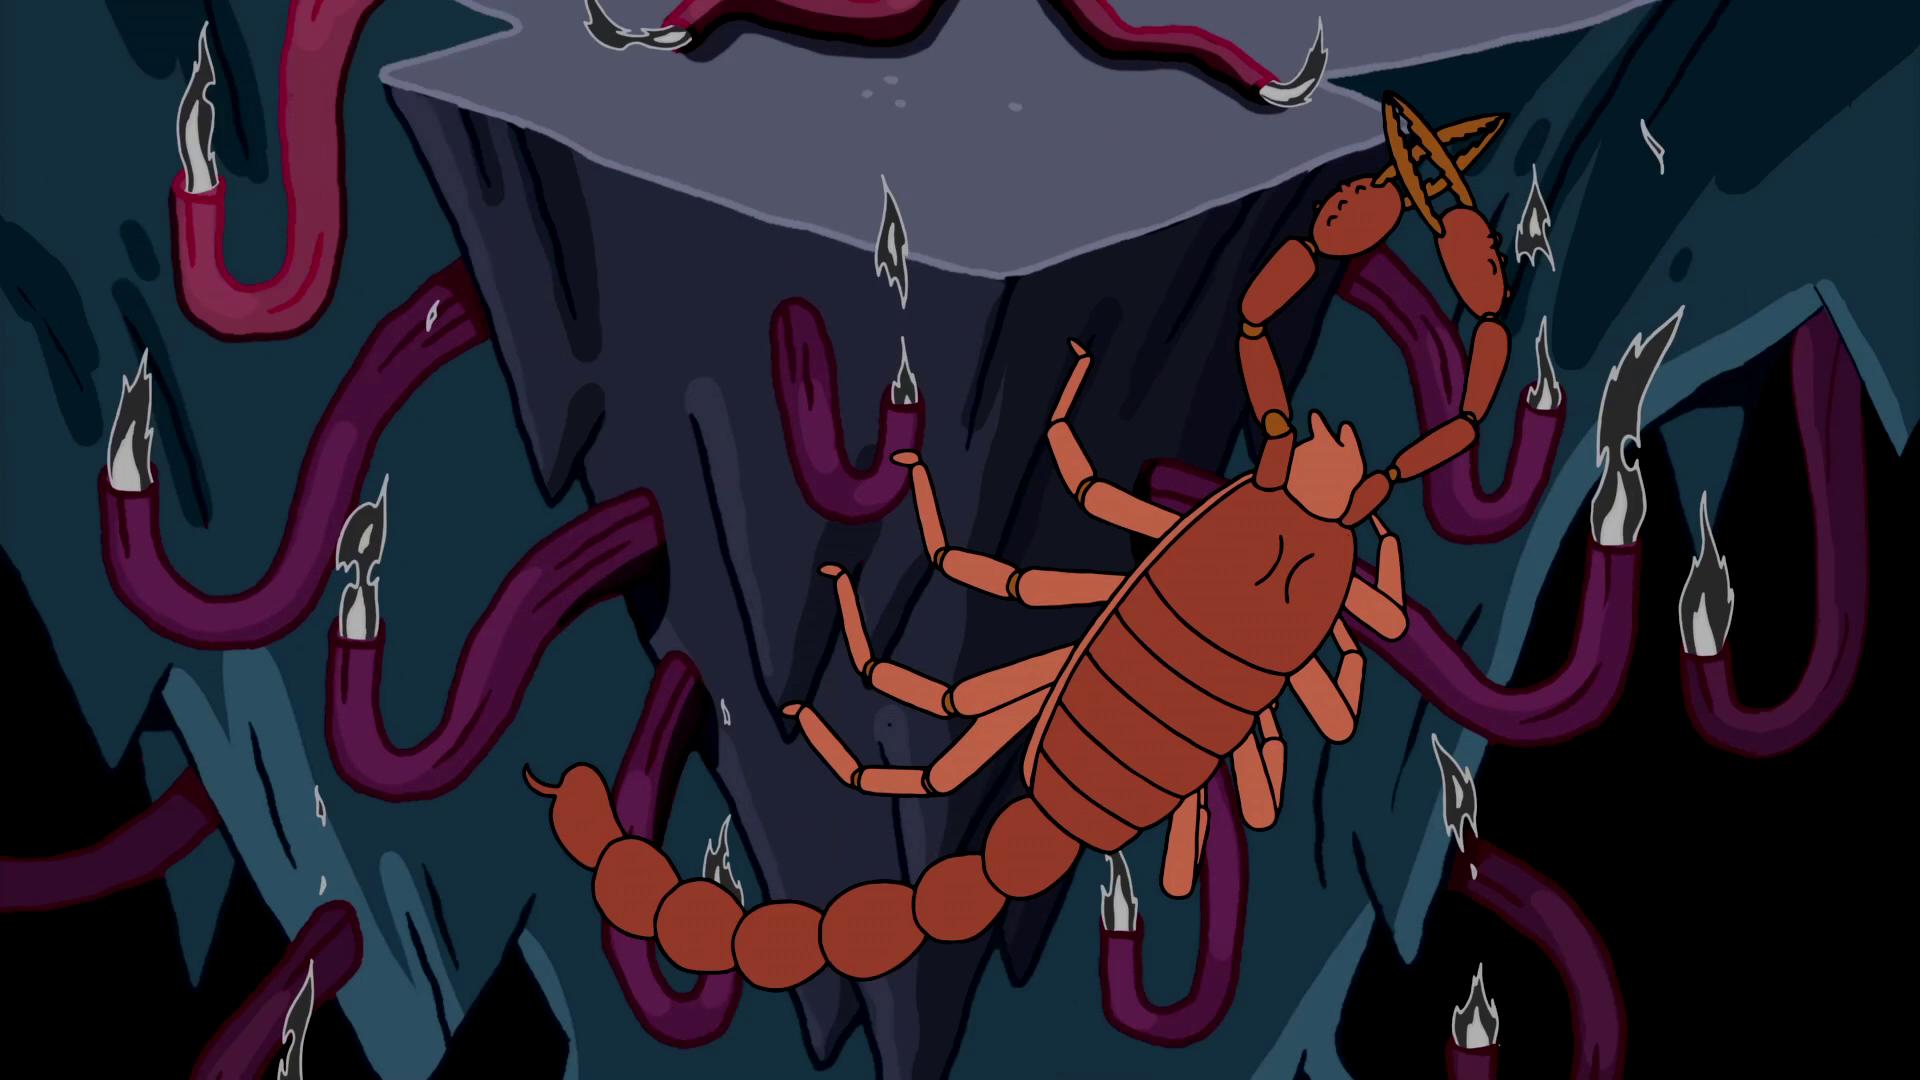 S2e17 Scorpion